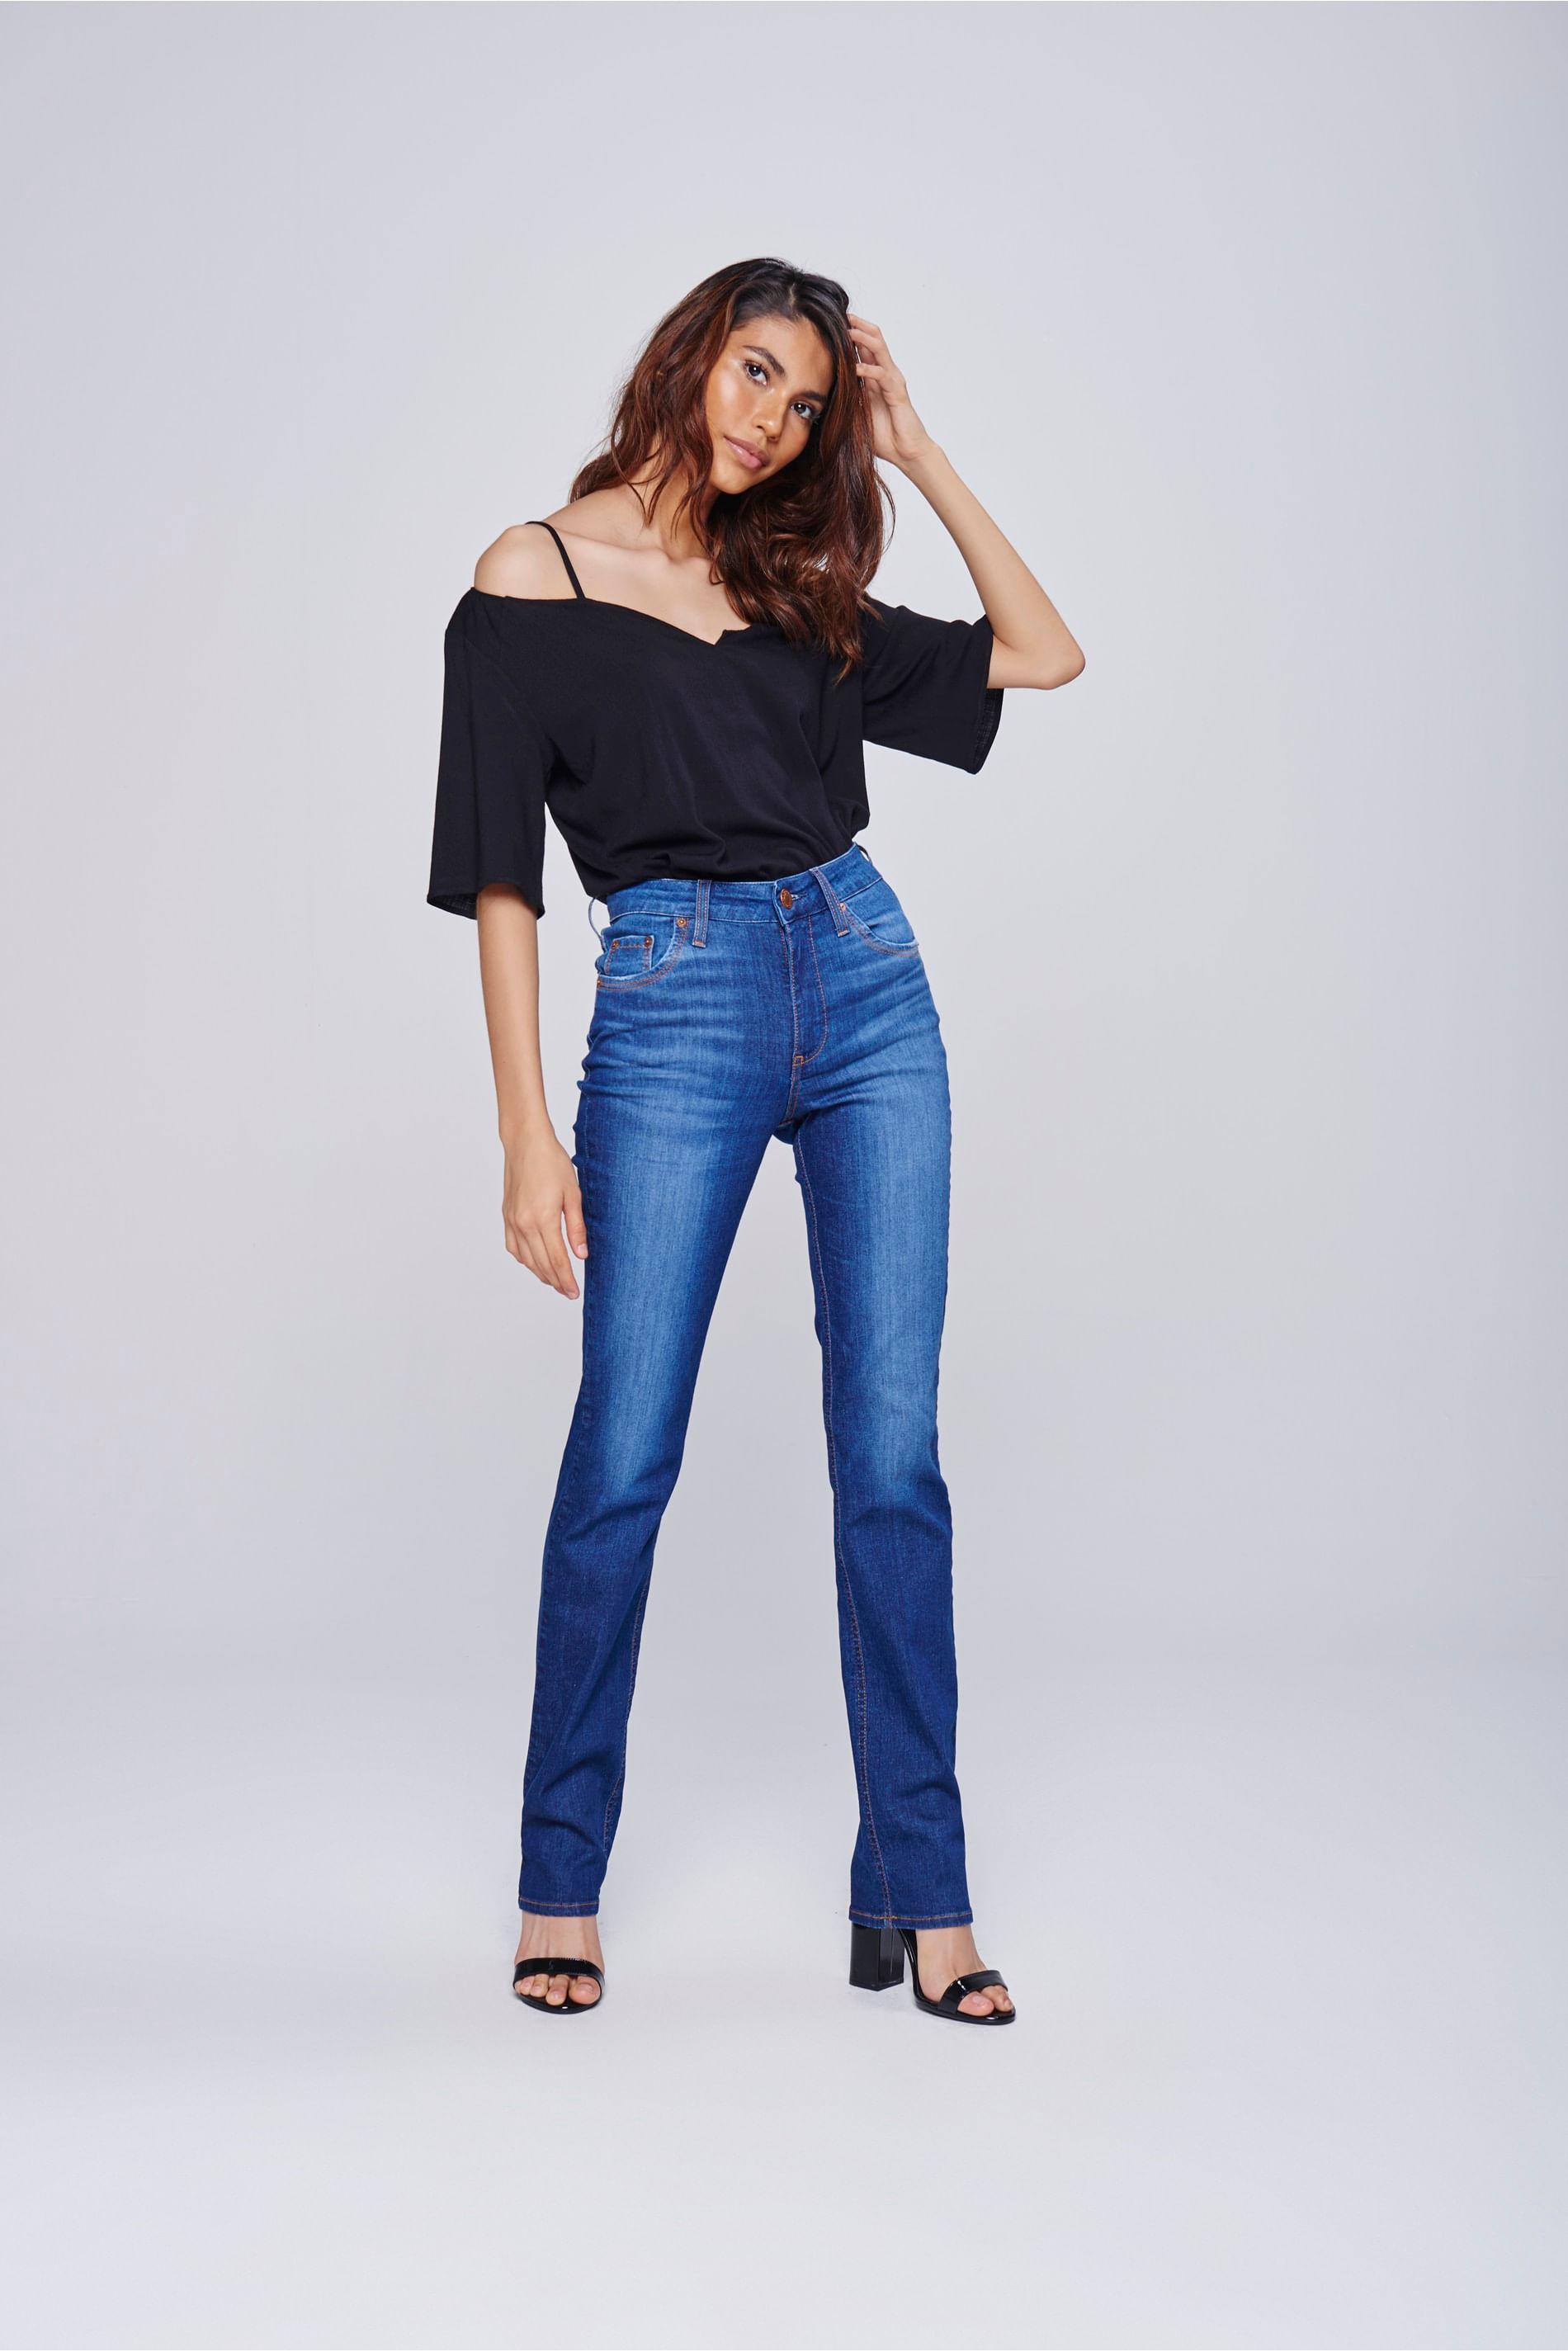 66e7626f00 Calça Jeans Reta com Cintura Alta - Damyller